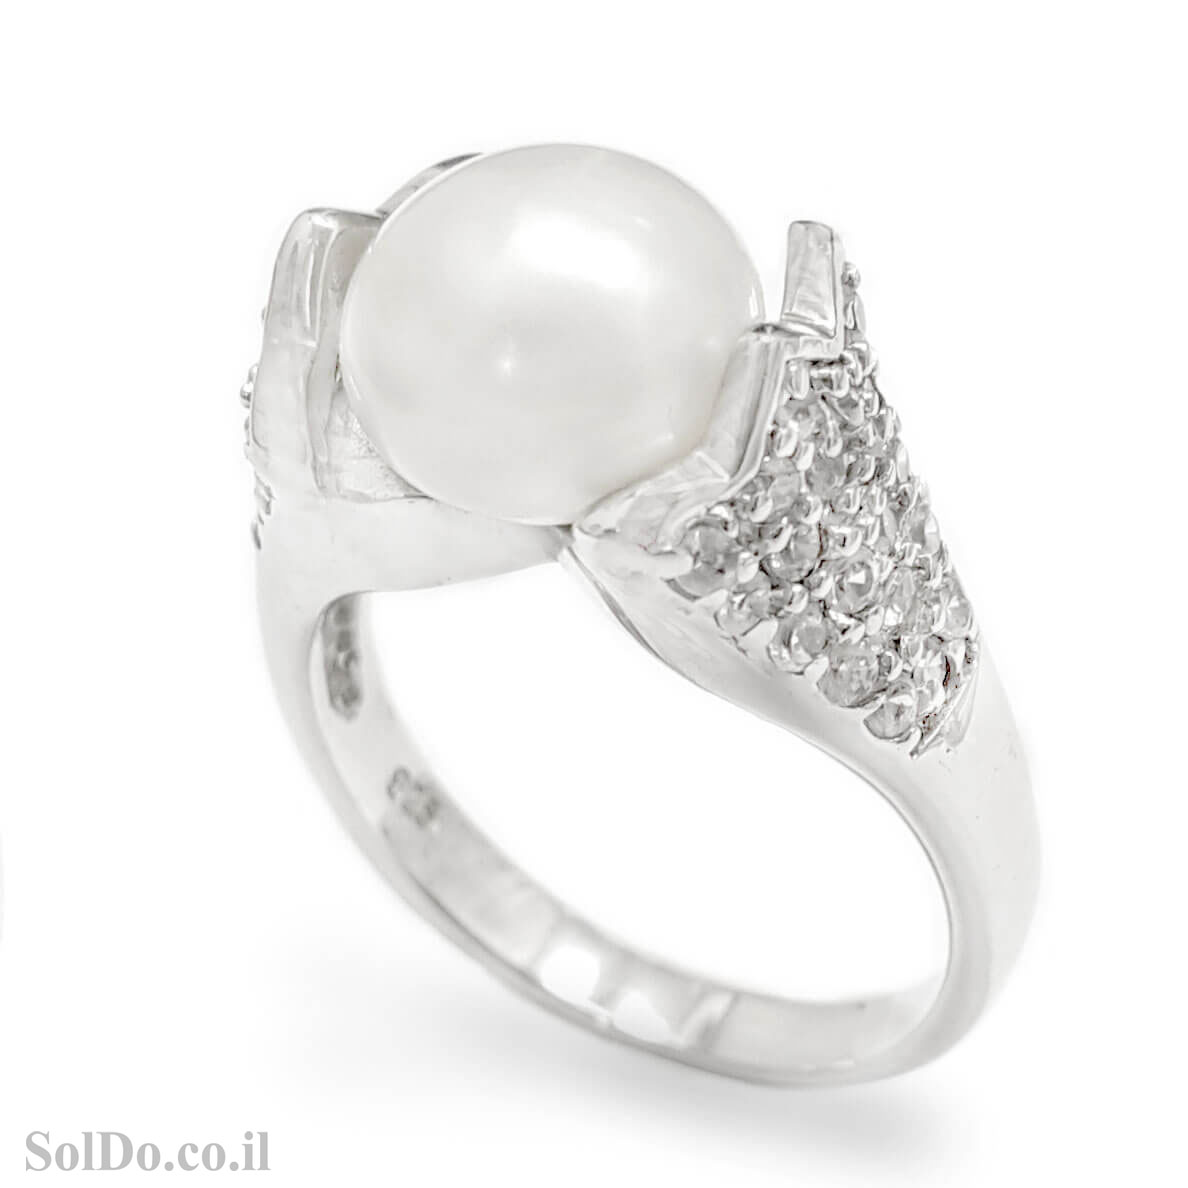 טבעת מכסף משובצת פנינה לבנה וזרקונים RG6062 | תכשיטי כסף 925 | טבעות עם פנינה